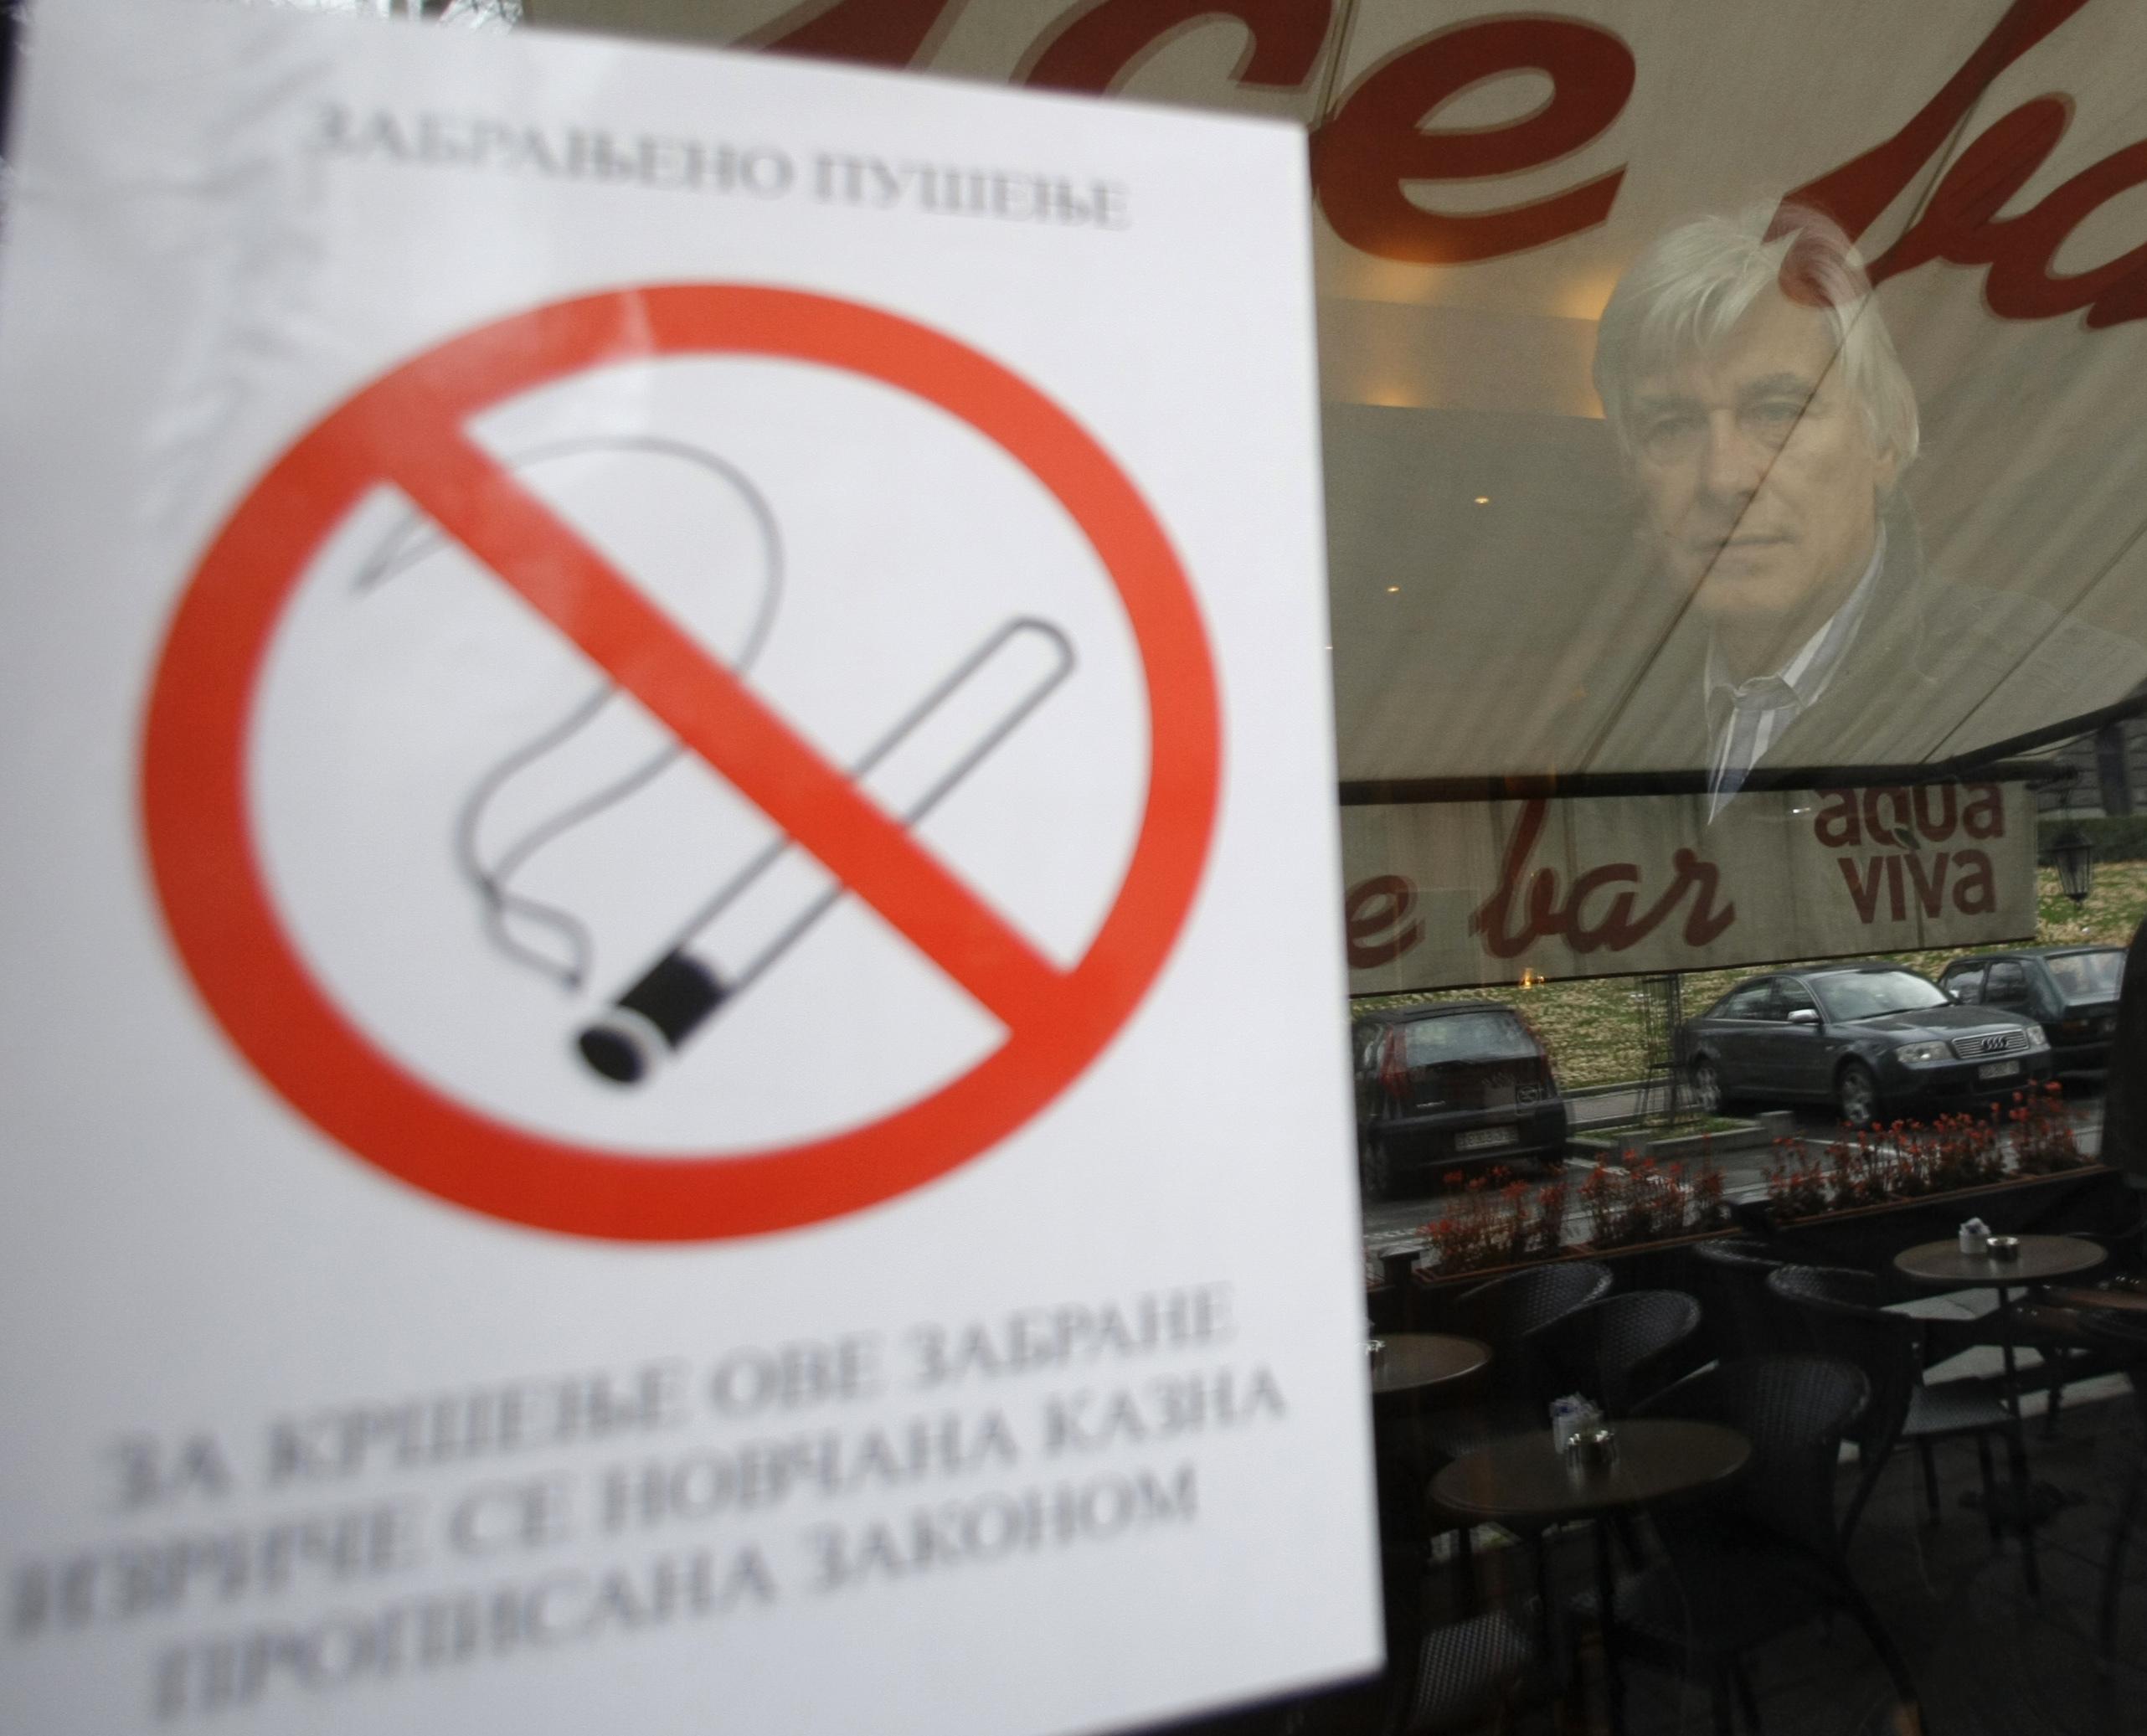 Сигареты можно продавать и в газетном киоске, лишь бы не детям – эксперт. 322136.jpeg